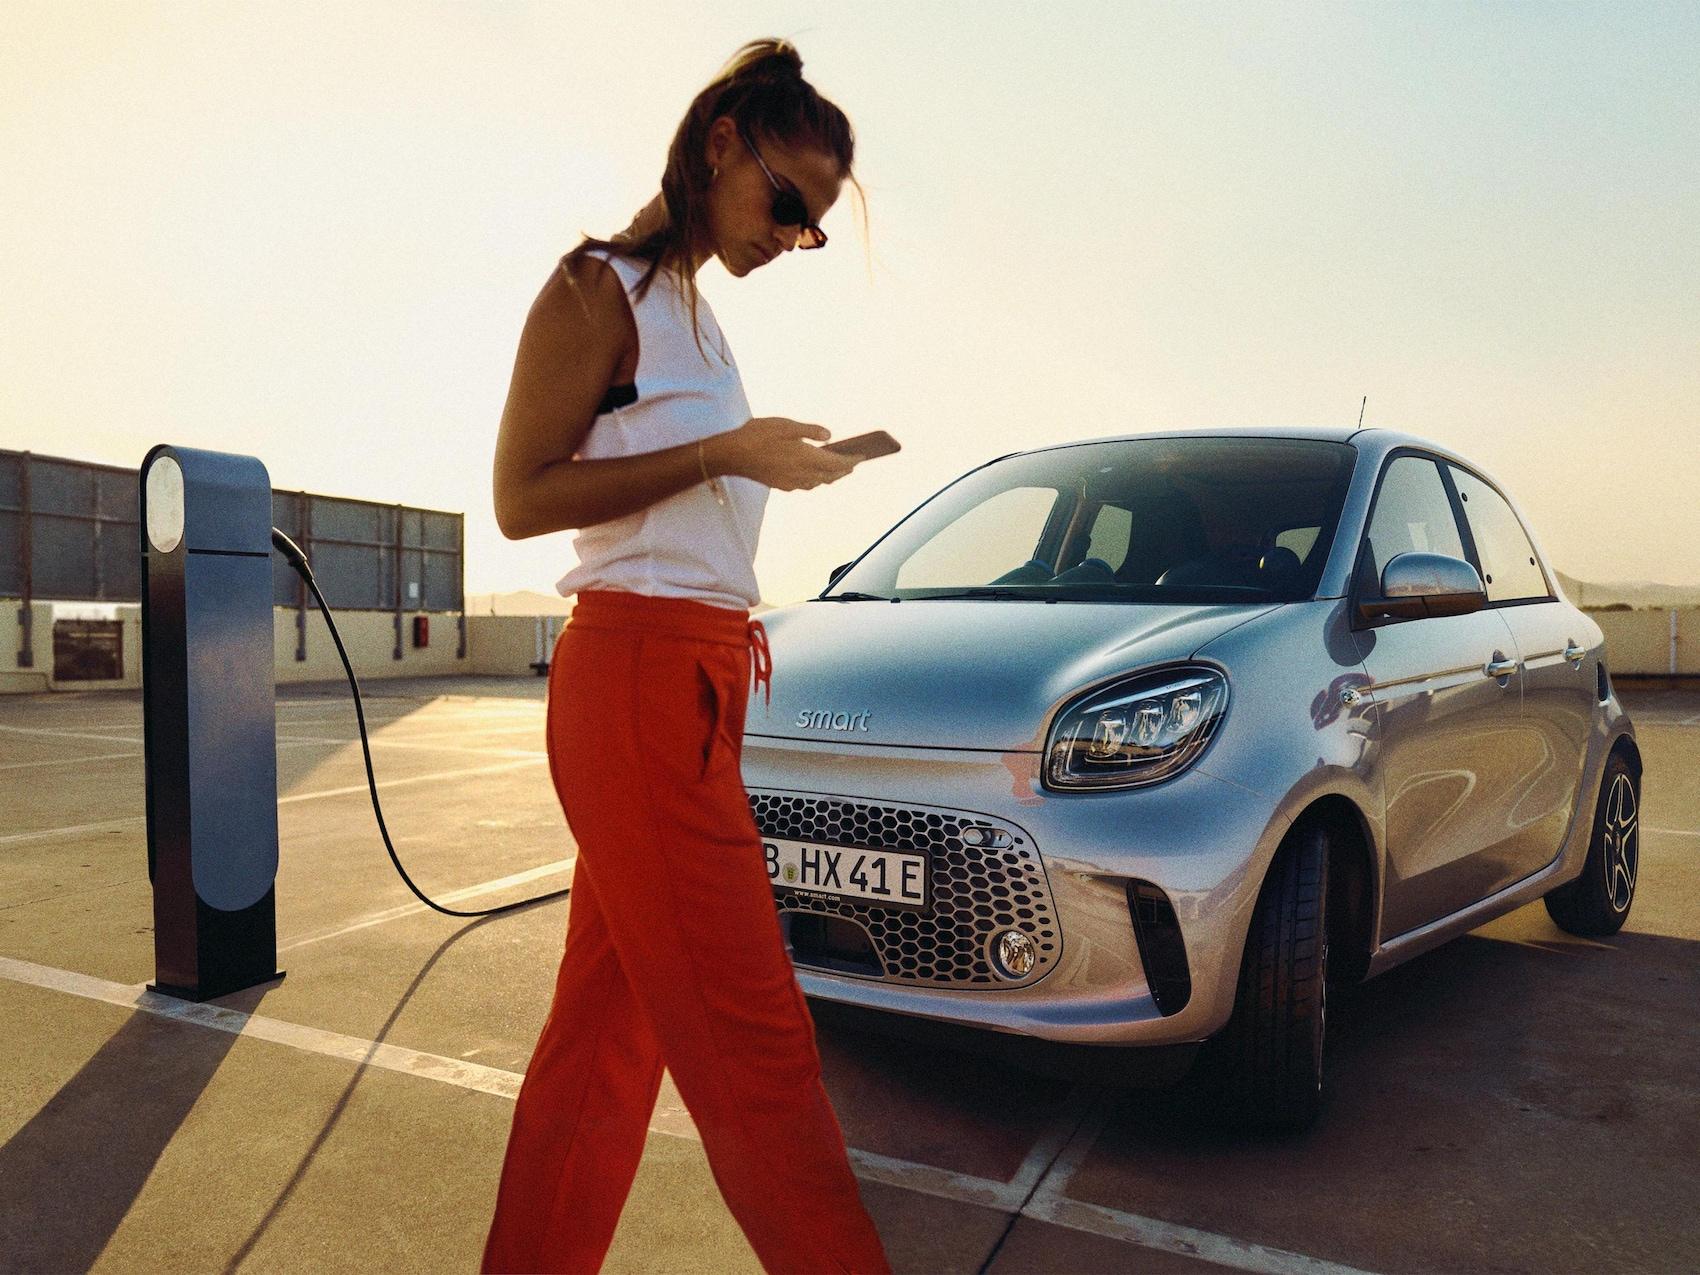 Uma mulher encontra-se em pé ao lado de um smart EQ fortwo em carregamento num parque de estacionamento solarengo.